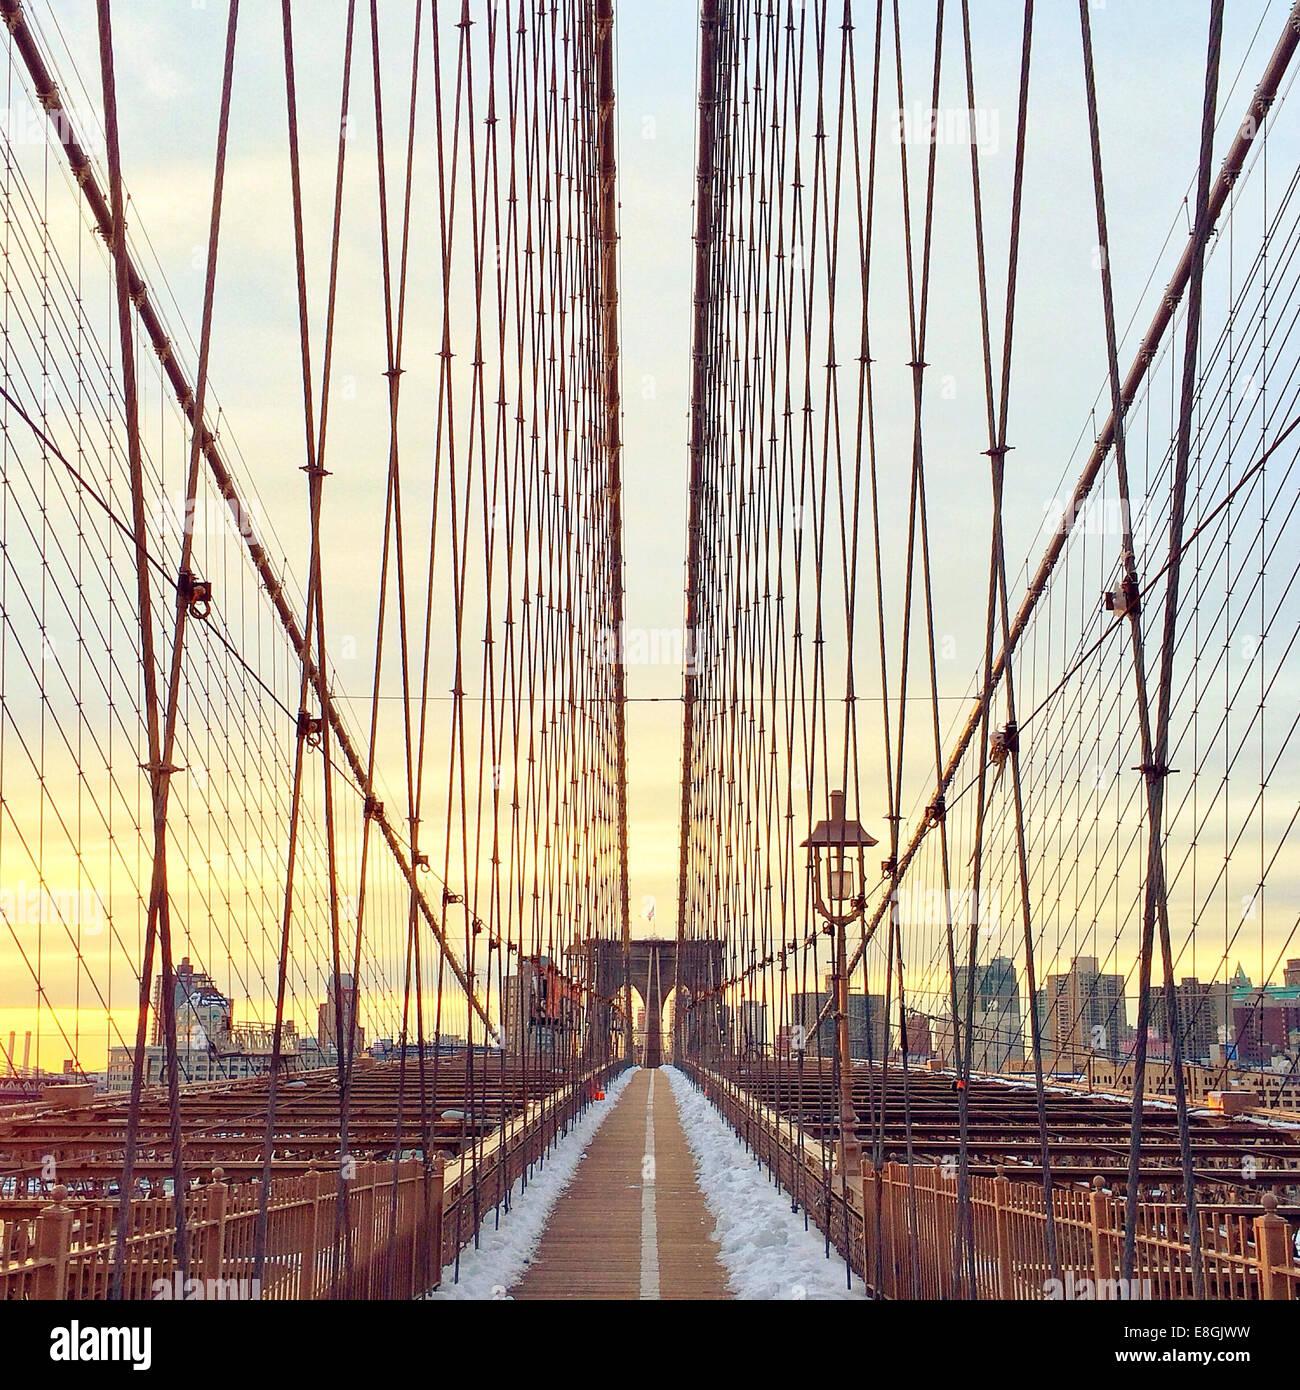 Il ponte di Brooklyn al tramonto, New York, America, STATI UNITI D'AMERICA Immagini Stock